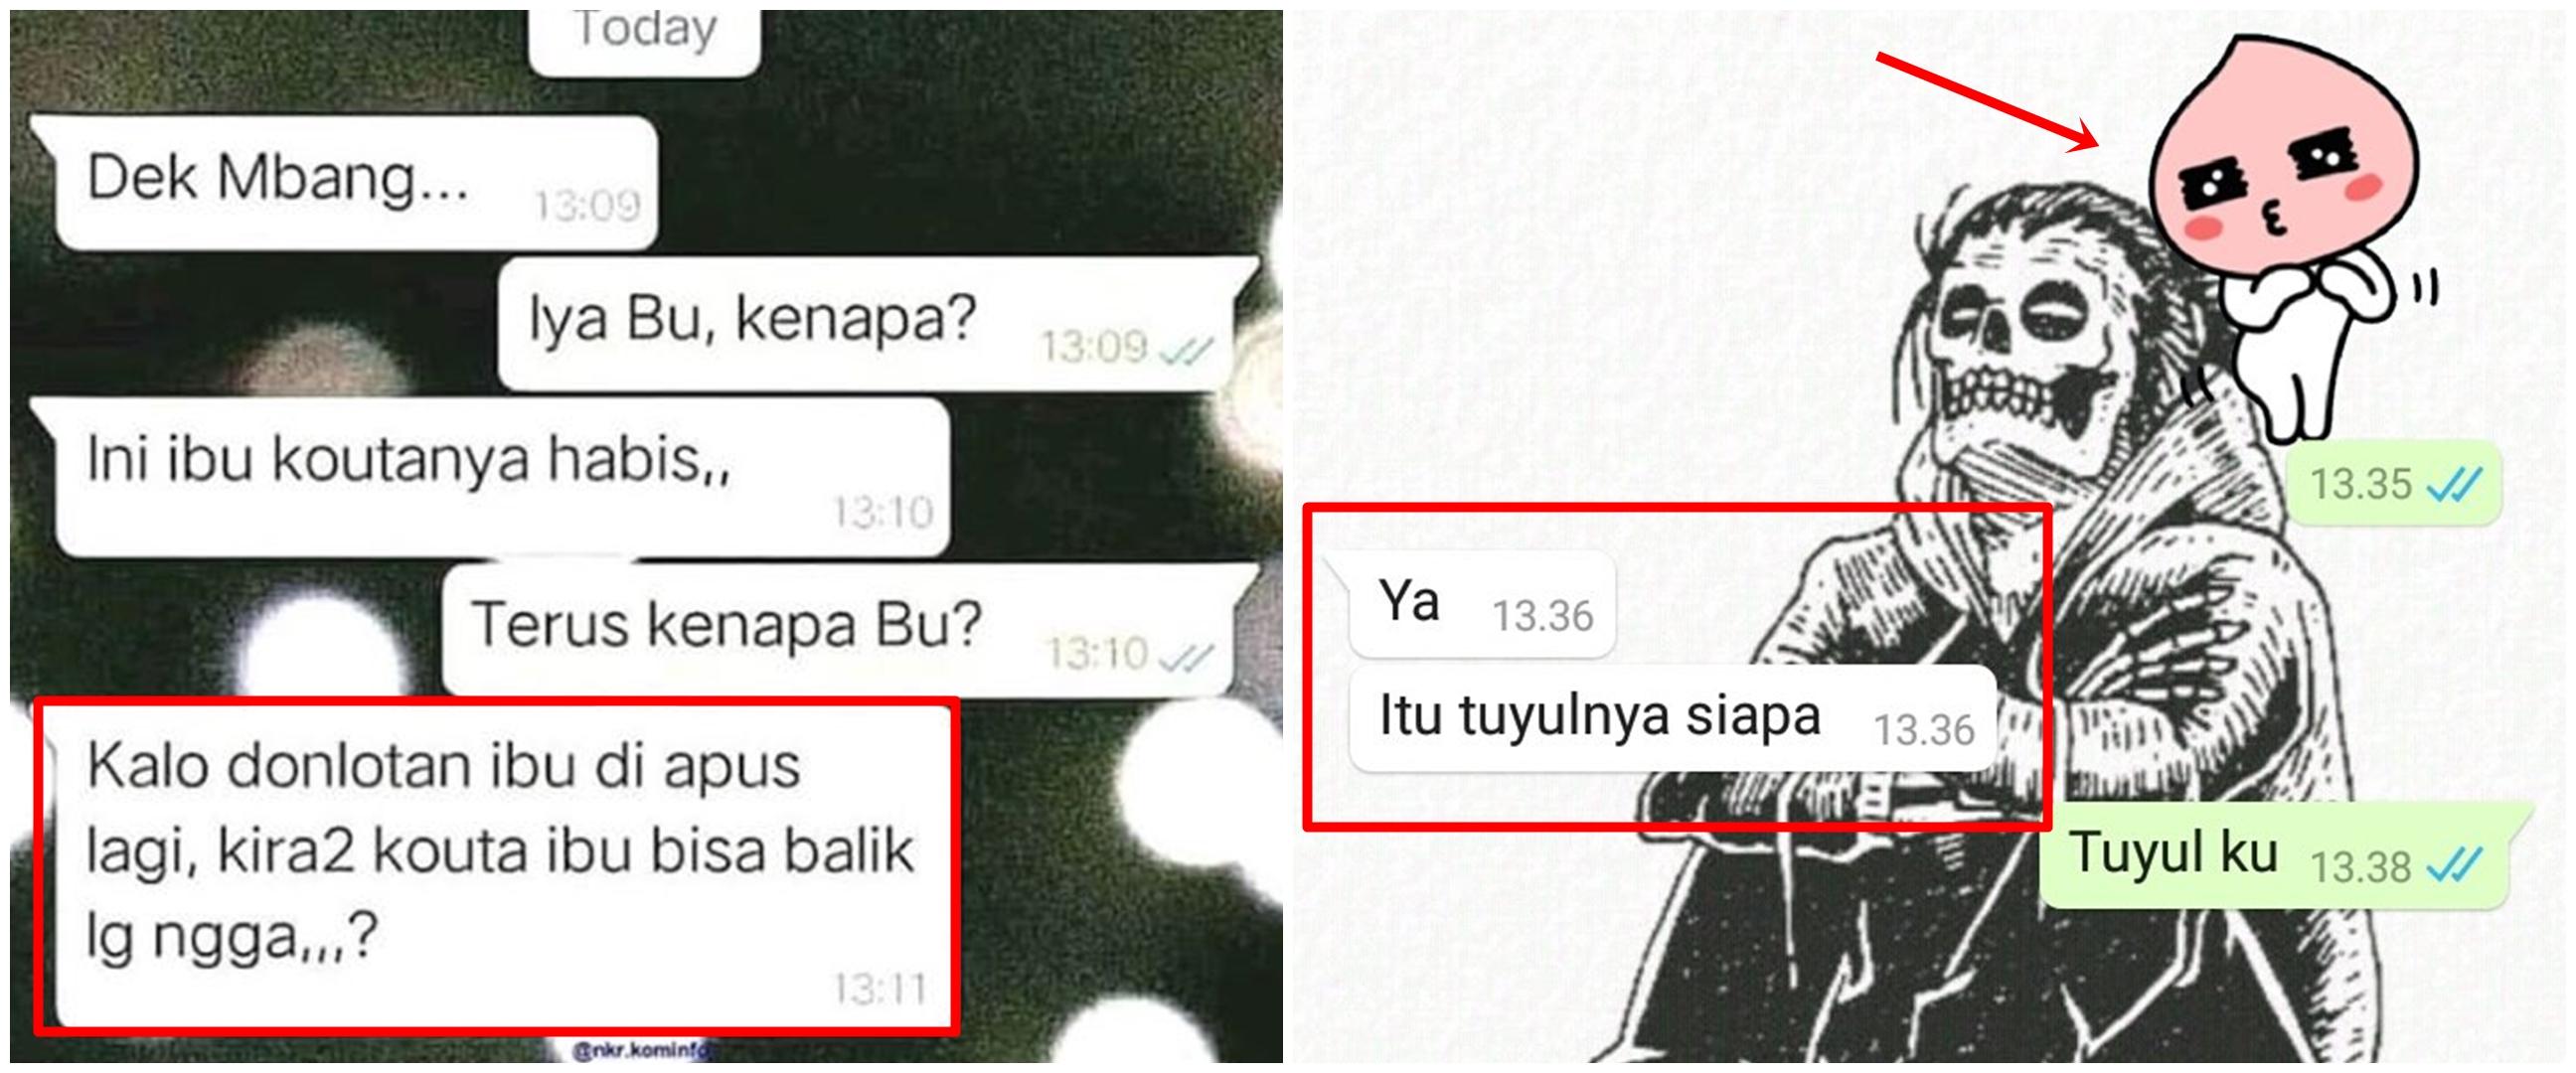 10 Chat lucu pertanyaan ibu-ibu di WhatsApp, bikin ngakak